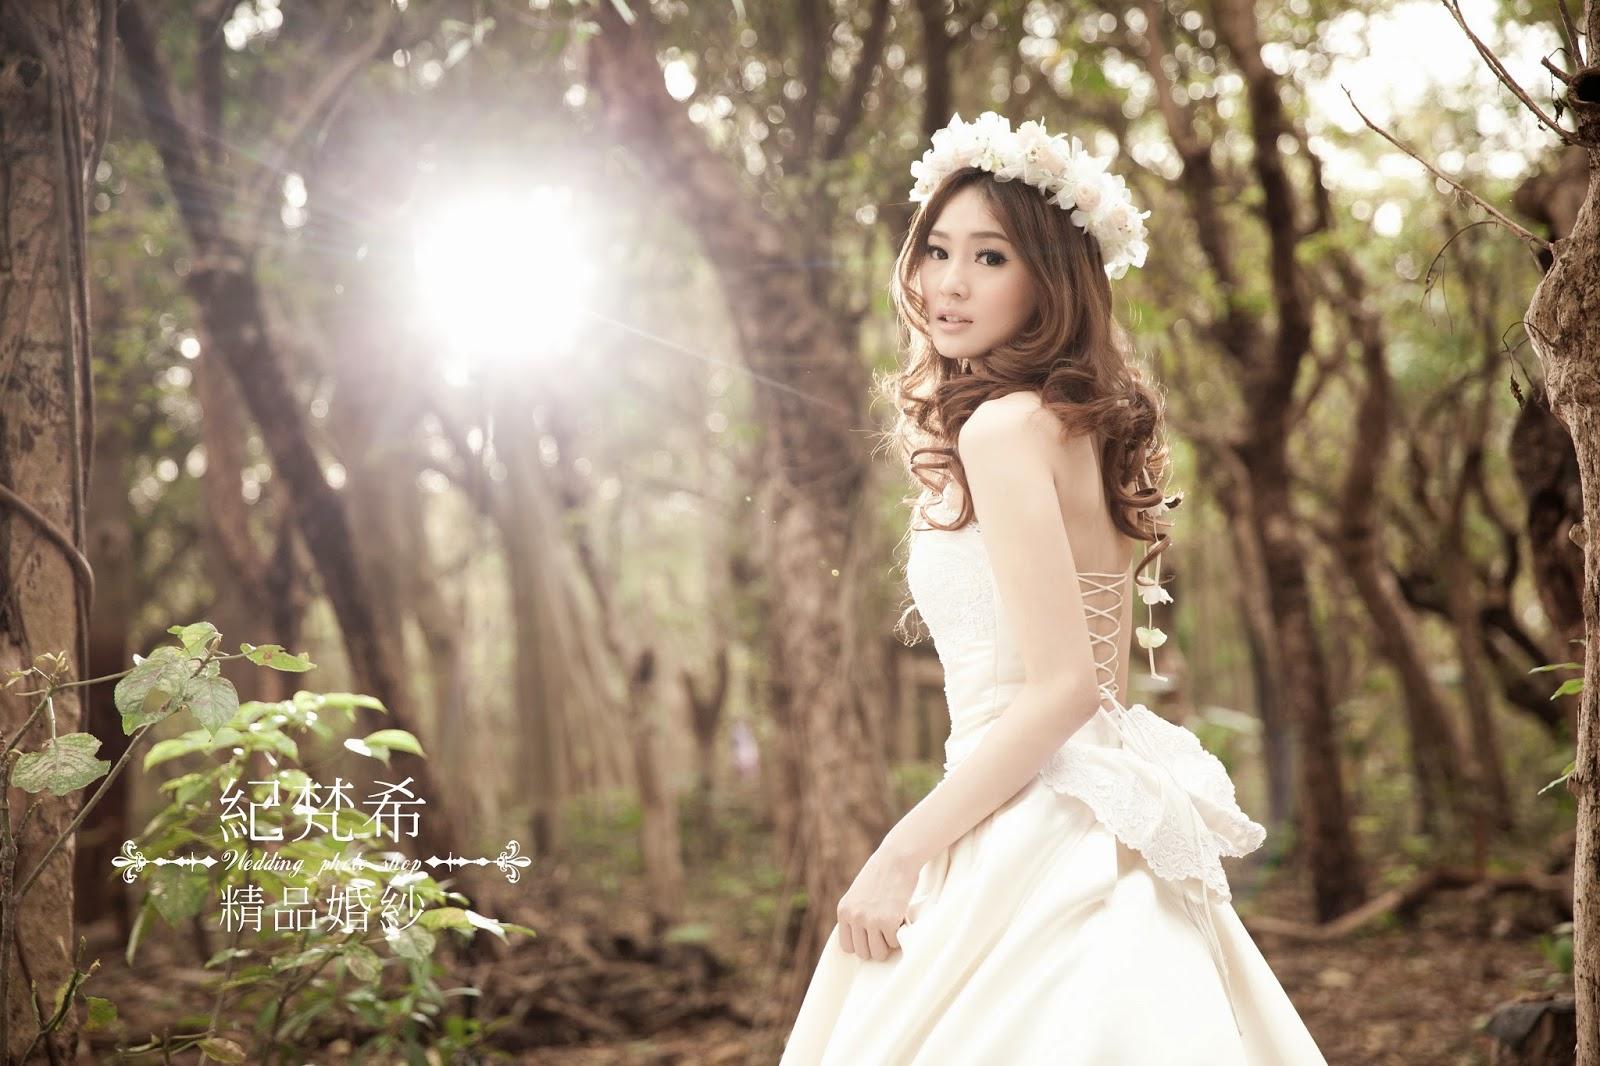 在C.H Wedding婚紗包套88000很貴嗎? | Yahoo奇摩知識+_插圖